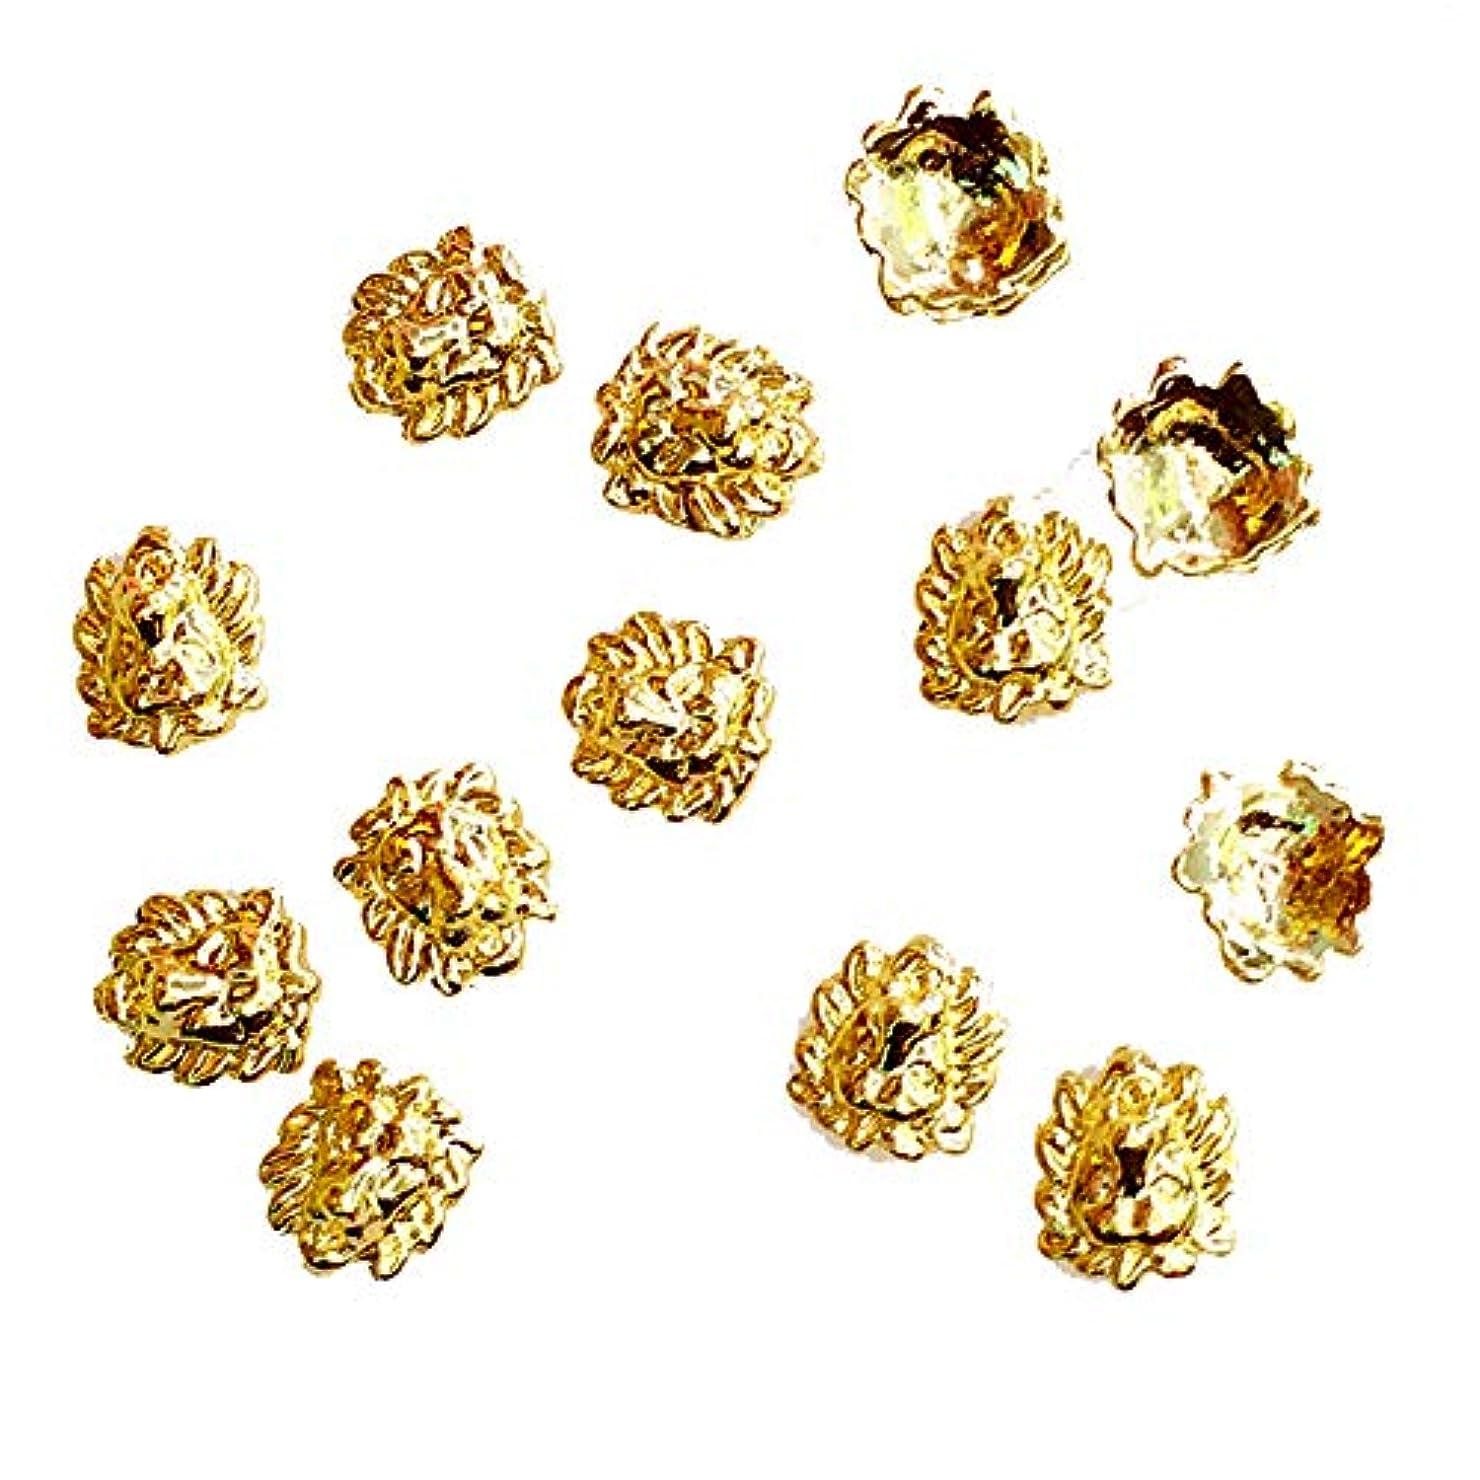 自動的にスモッグ政治的10個入り/ロット女性のための7 * 7ミリメートルゴールドライオン3Dデザインメタルアロイネイルアートの装飾ネイルジェルステッカーDecos